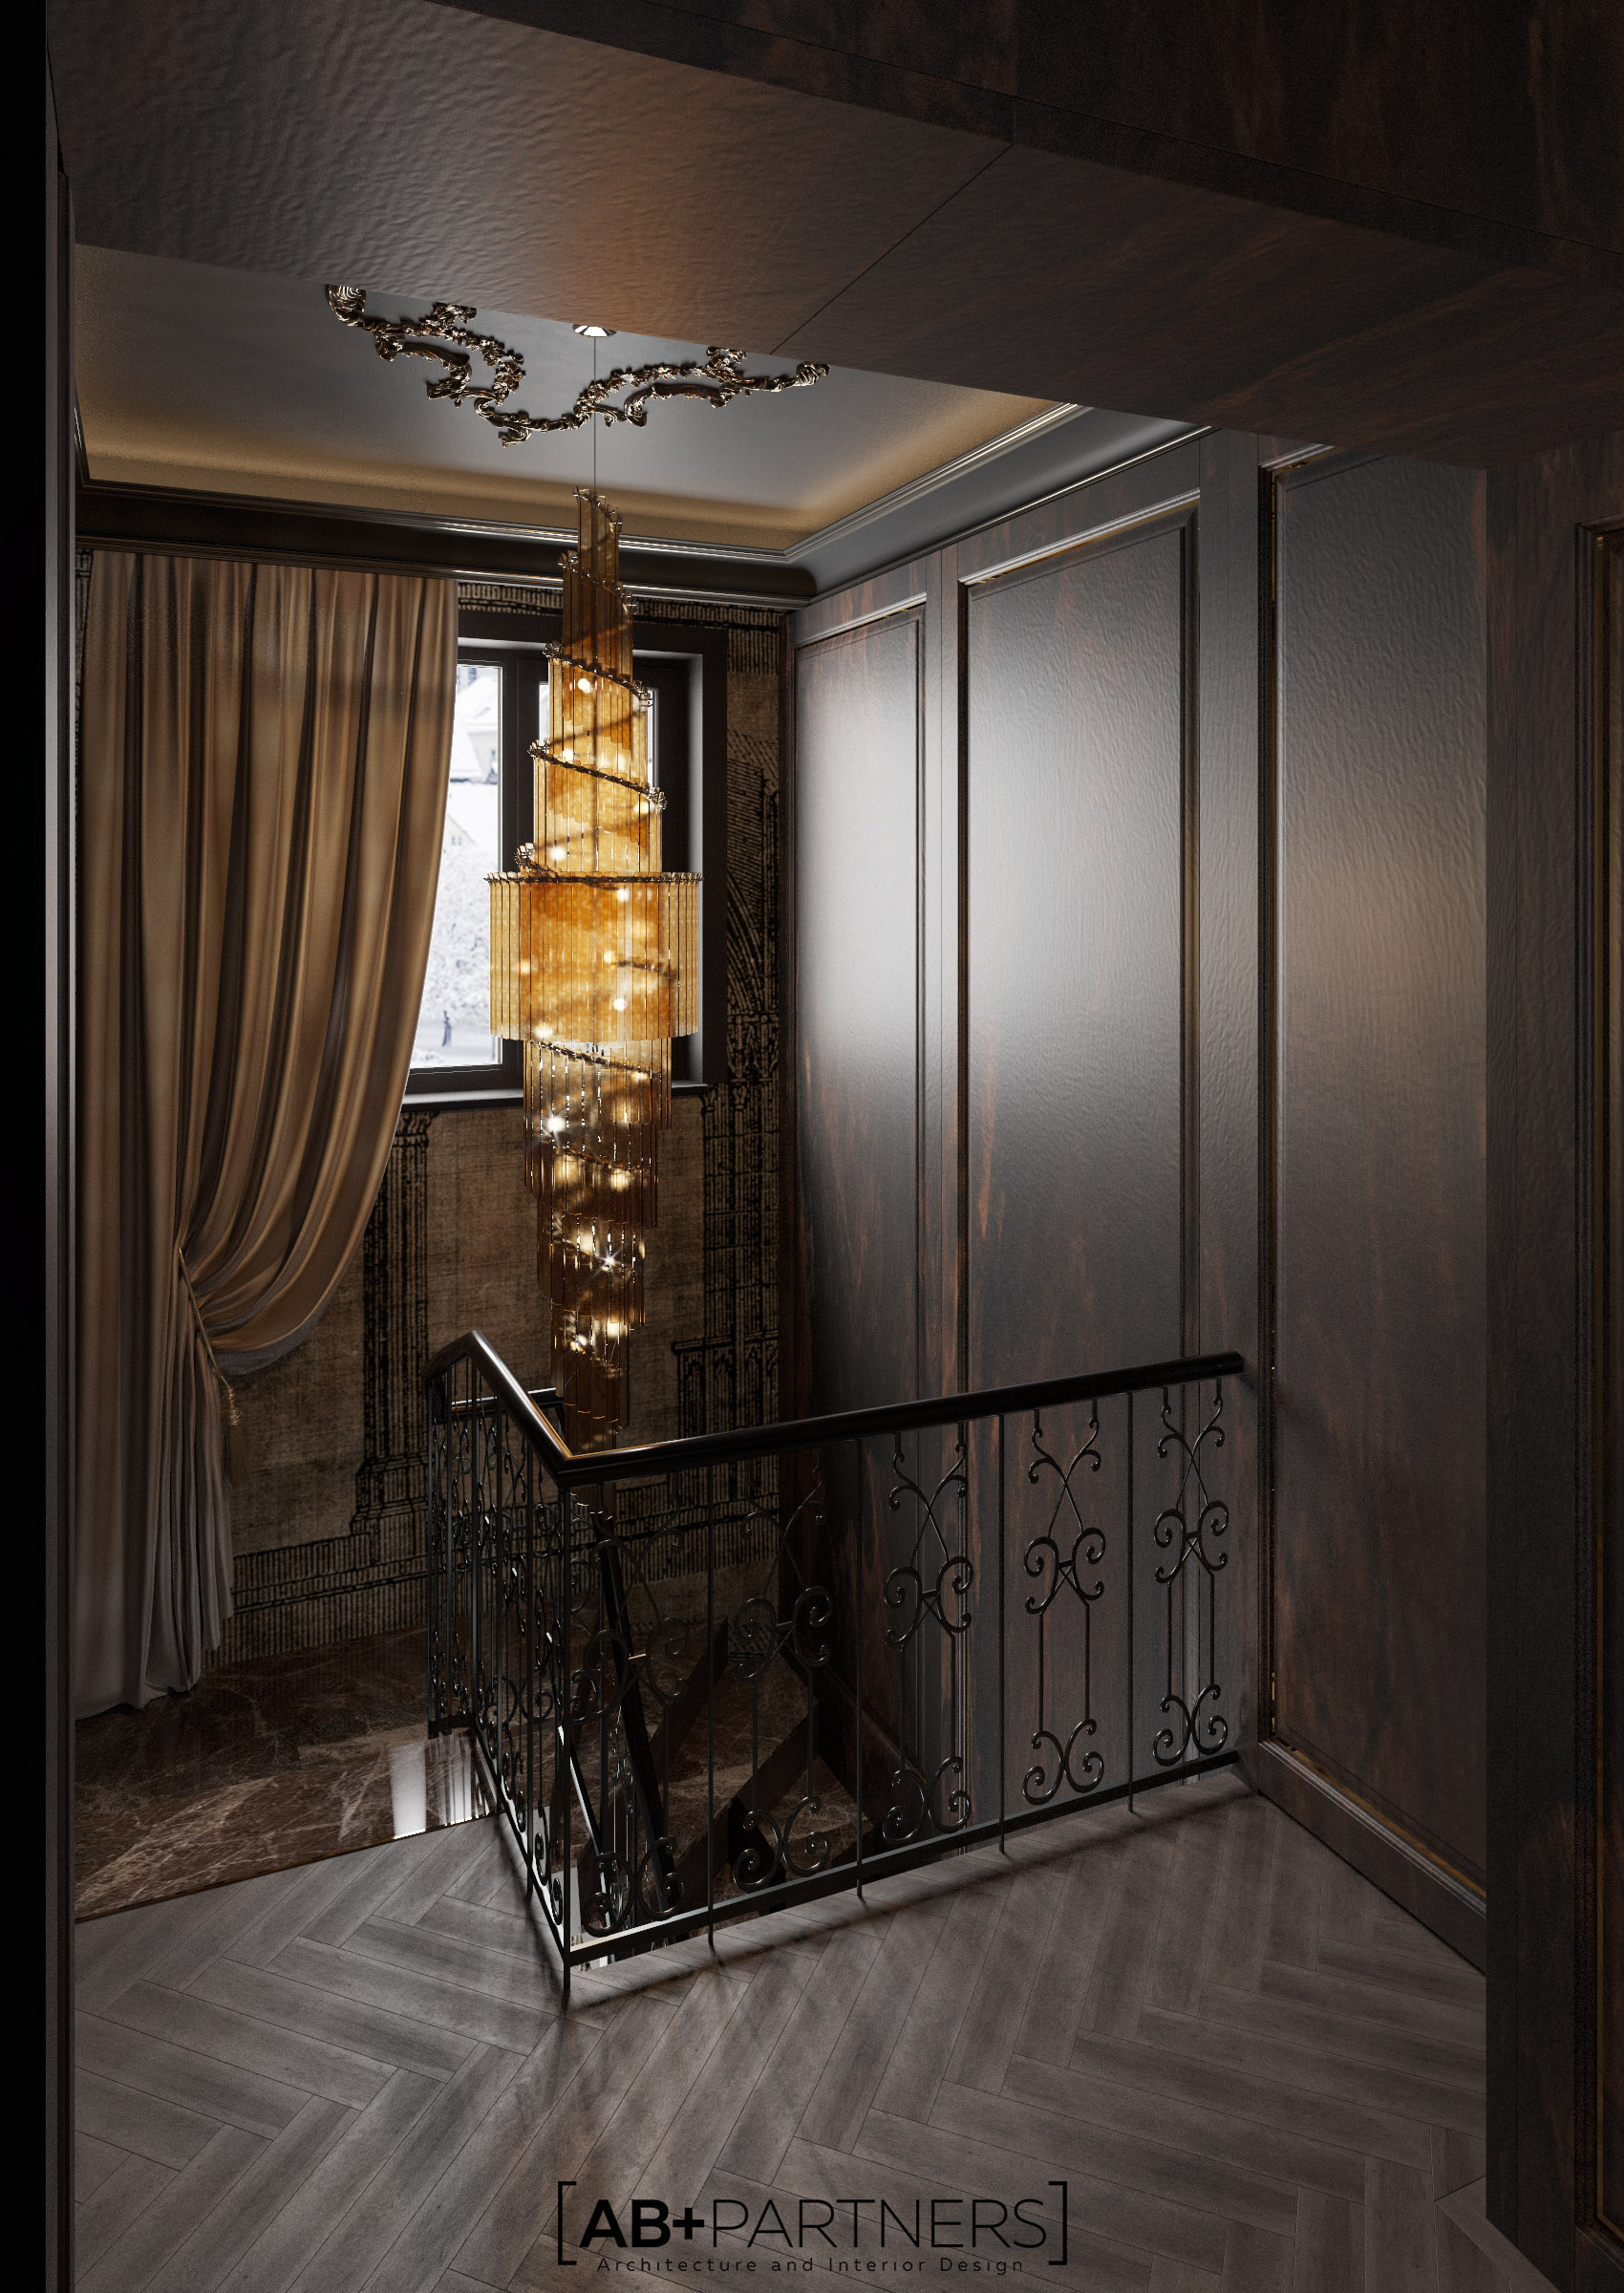 Scara care leaga doua nivele ale casei, design interior de la ab+partners